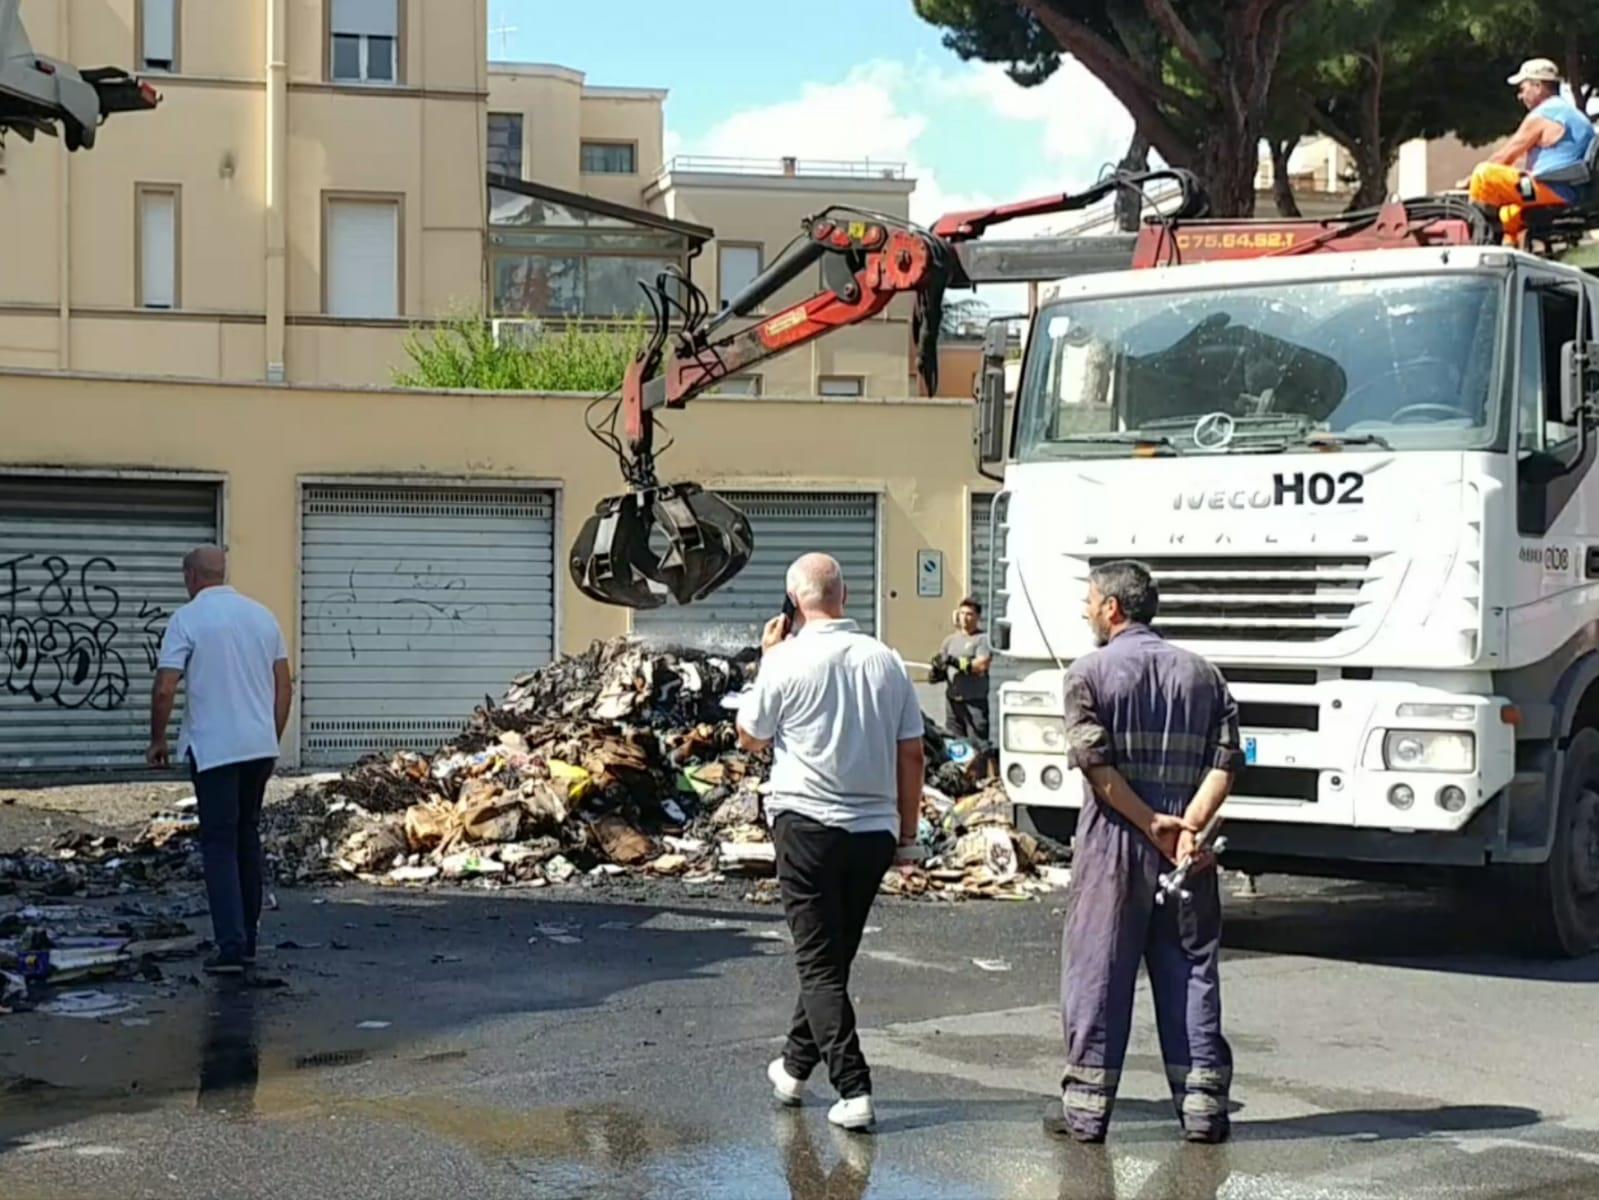 Le operazioni di raccolta dei rifiuti dopo che il mezzo di Abc è andato a fuoco